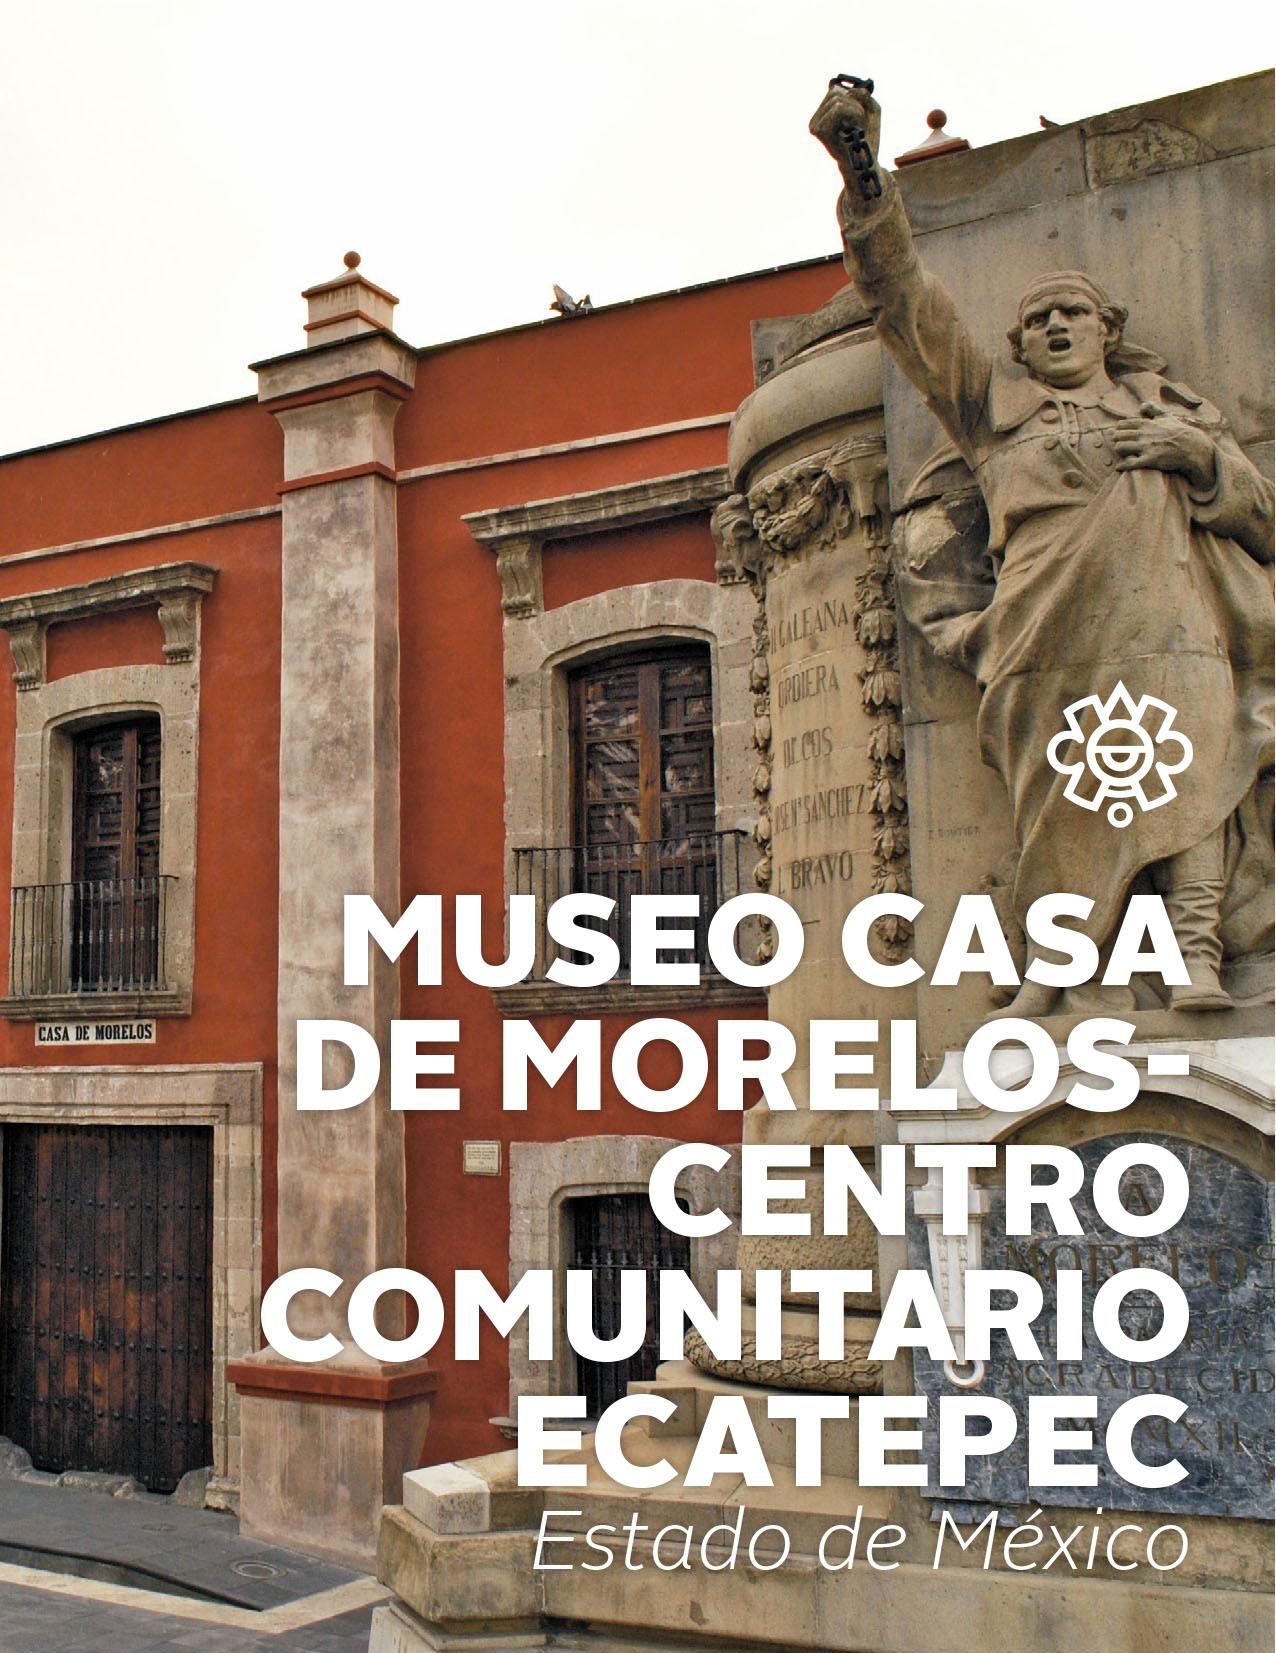 Museo Casa de Morelos Centro Comunitario Ecatepec